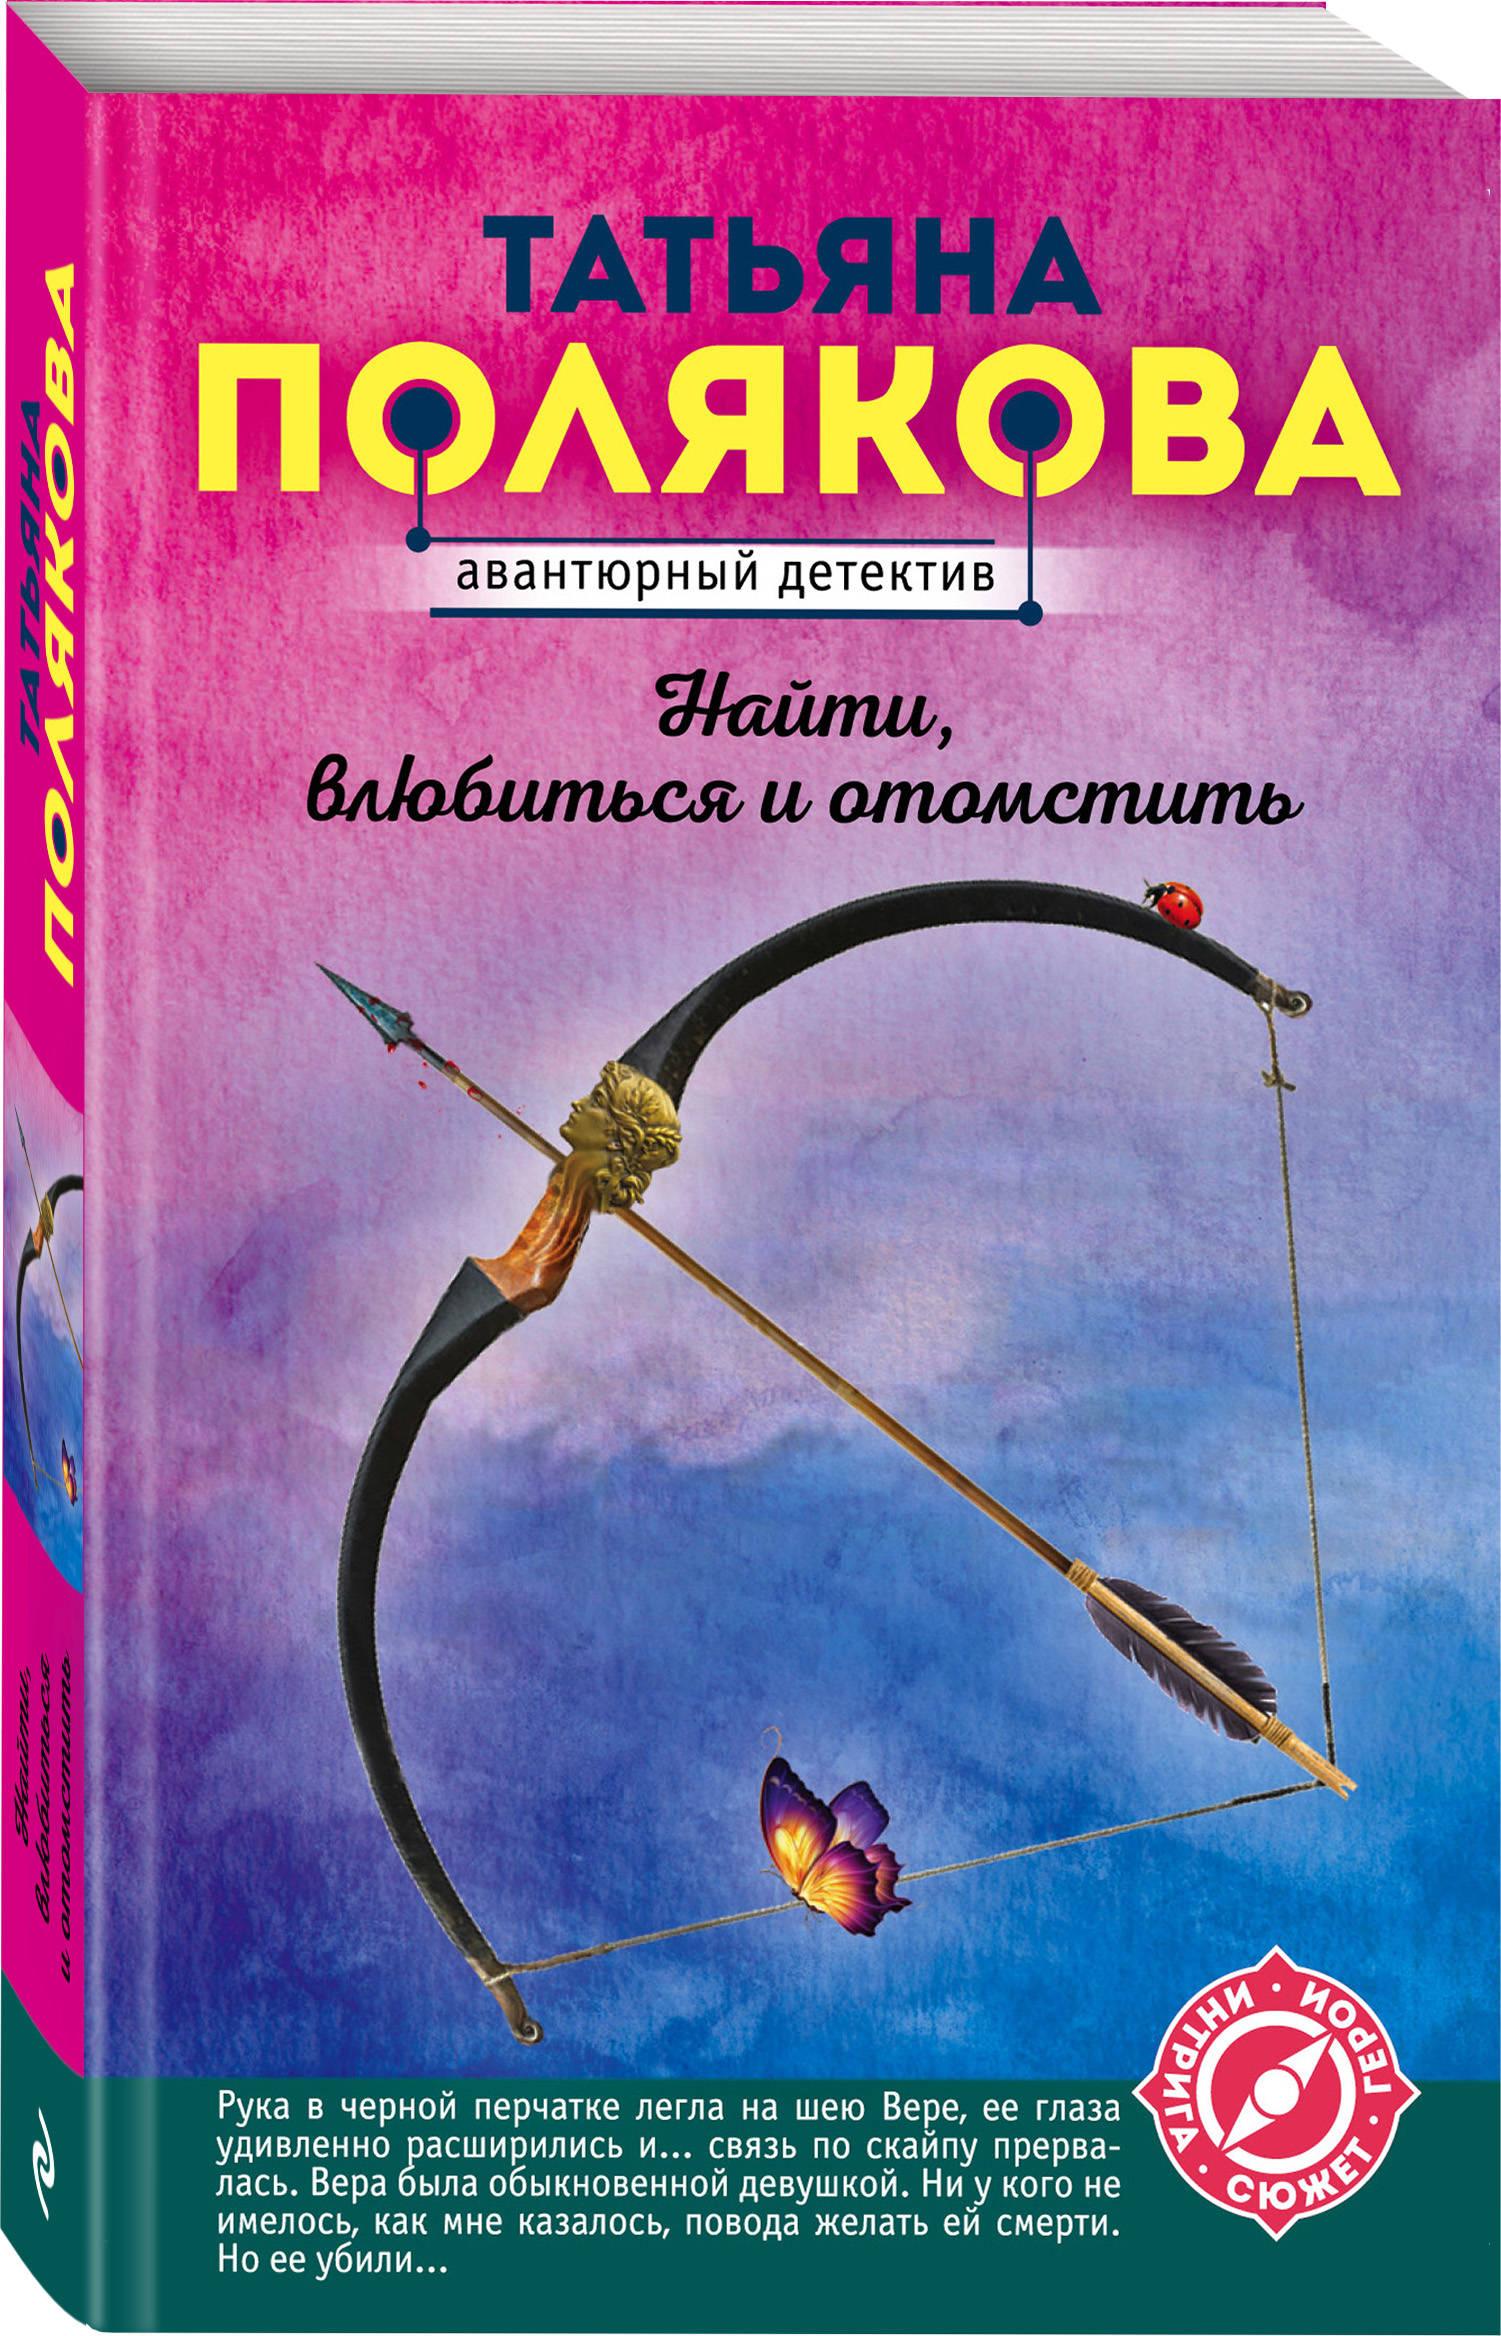 Татьяна Полякова Найти, влюбиться и отомстить аноним дневник кислородного вора как я причинял женщинам боль page 2